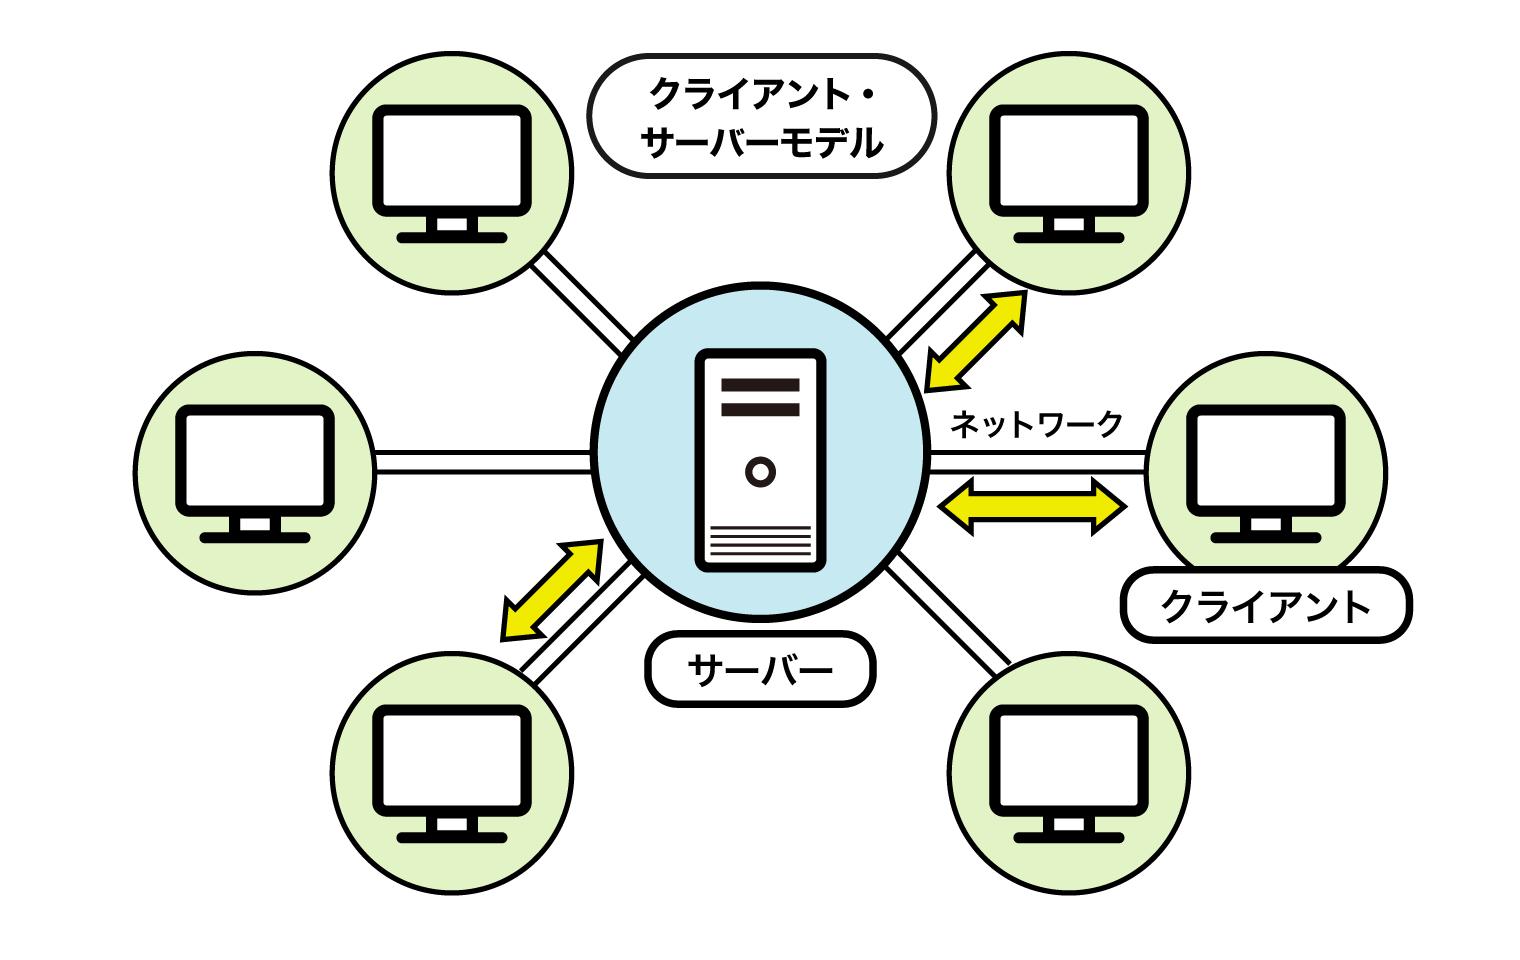 「クライアント・サーバーモデル」説明図